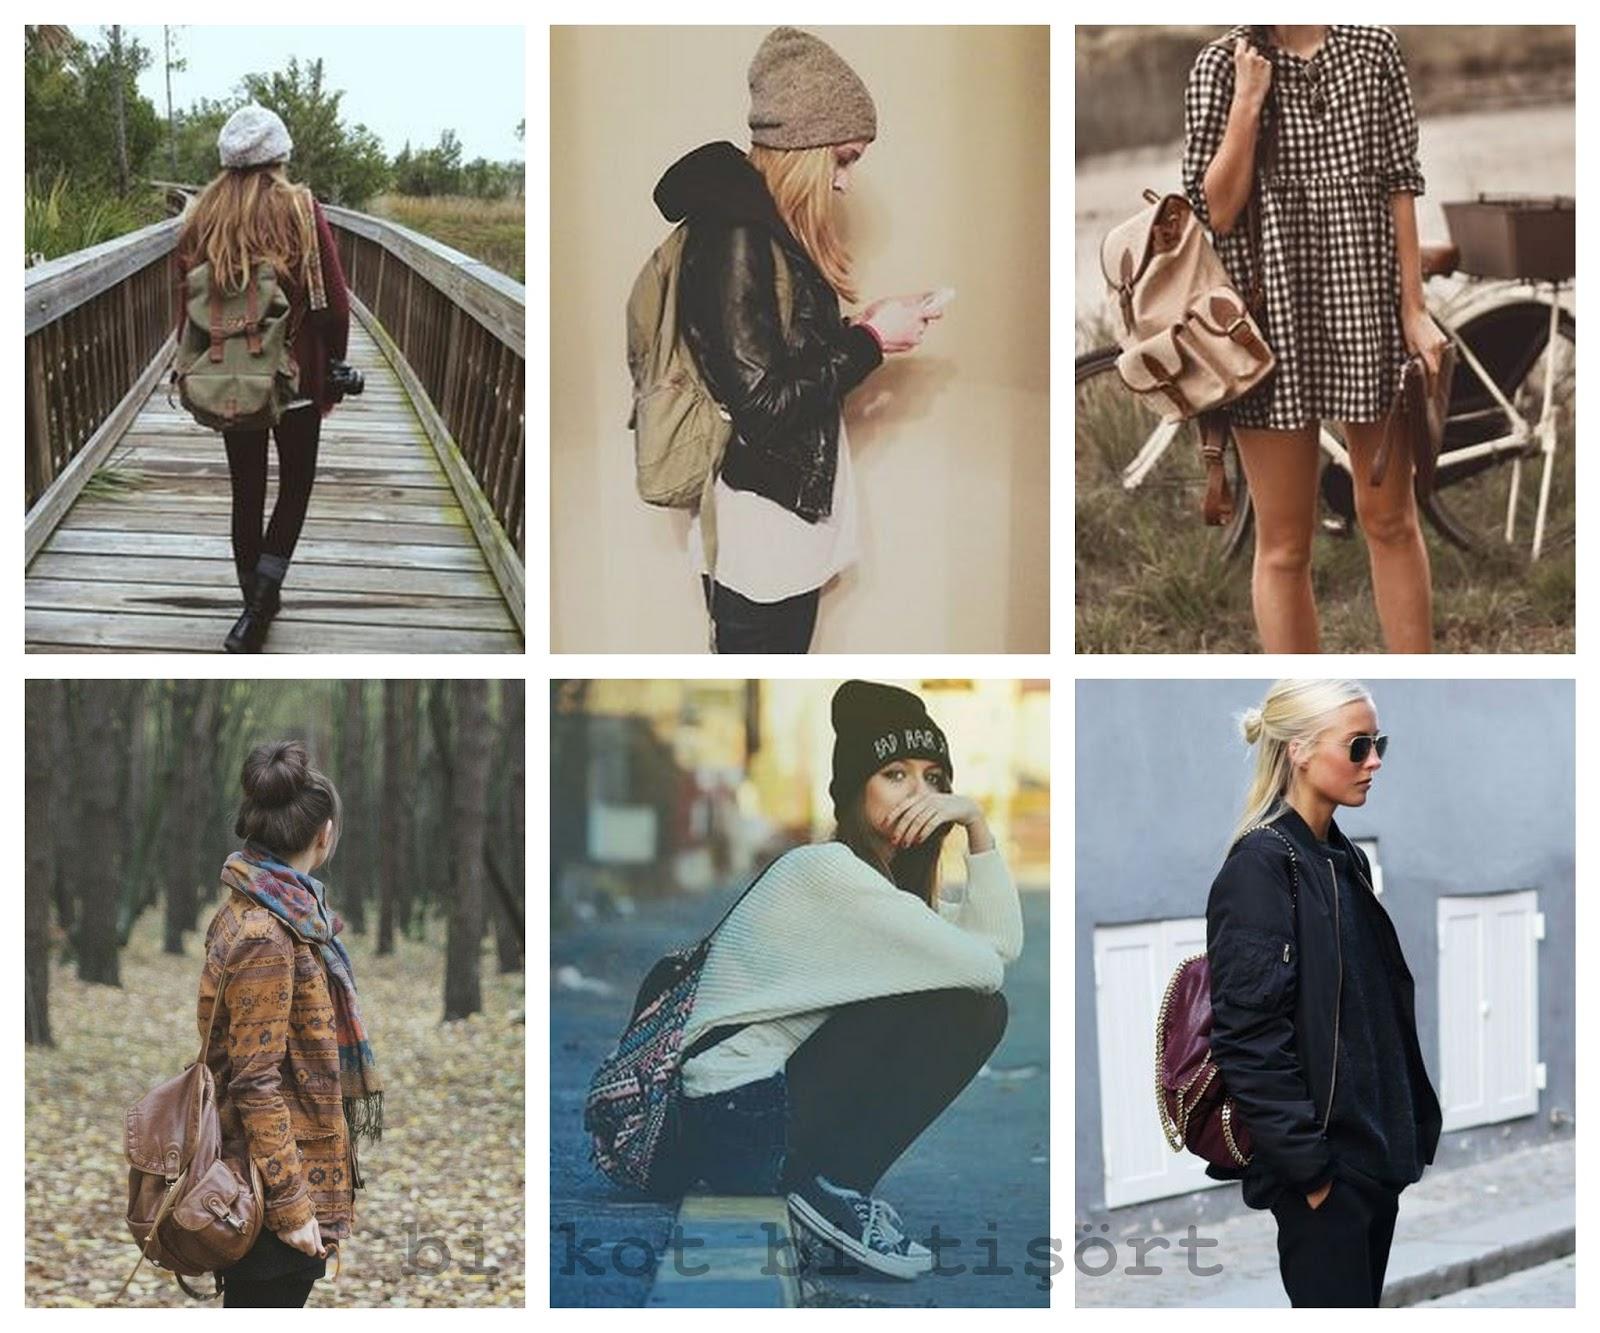 9bd372db6aa4e Sonbahar renklerine ve kombinlerine o kadar yakışıyor ki sırt çantası,  başka bi şey kullanmayı düşünemiyorum bile. Yani ne bileyim 7 bin euroluk  bi Givenchy ...